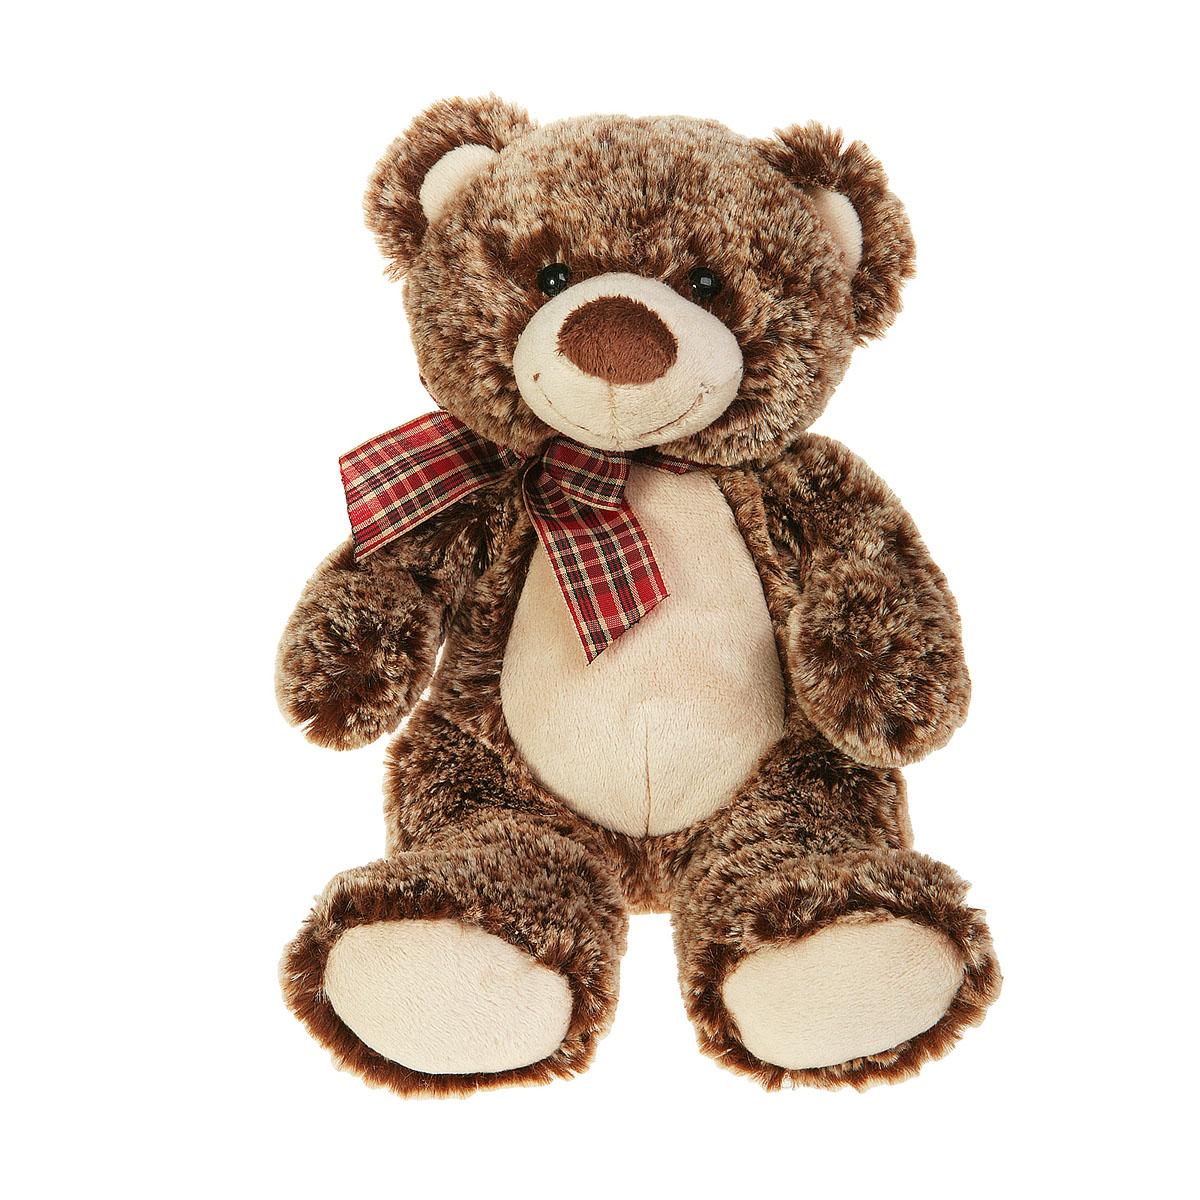 Купить 41-7113B, Мягкая игрушка Button Blue , Мишка Алешка, 28 см, Button Blue мягкая игрушка (shop: GulliverMarket Gulliver Market)